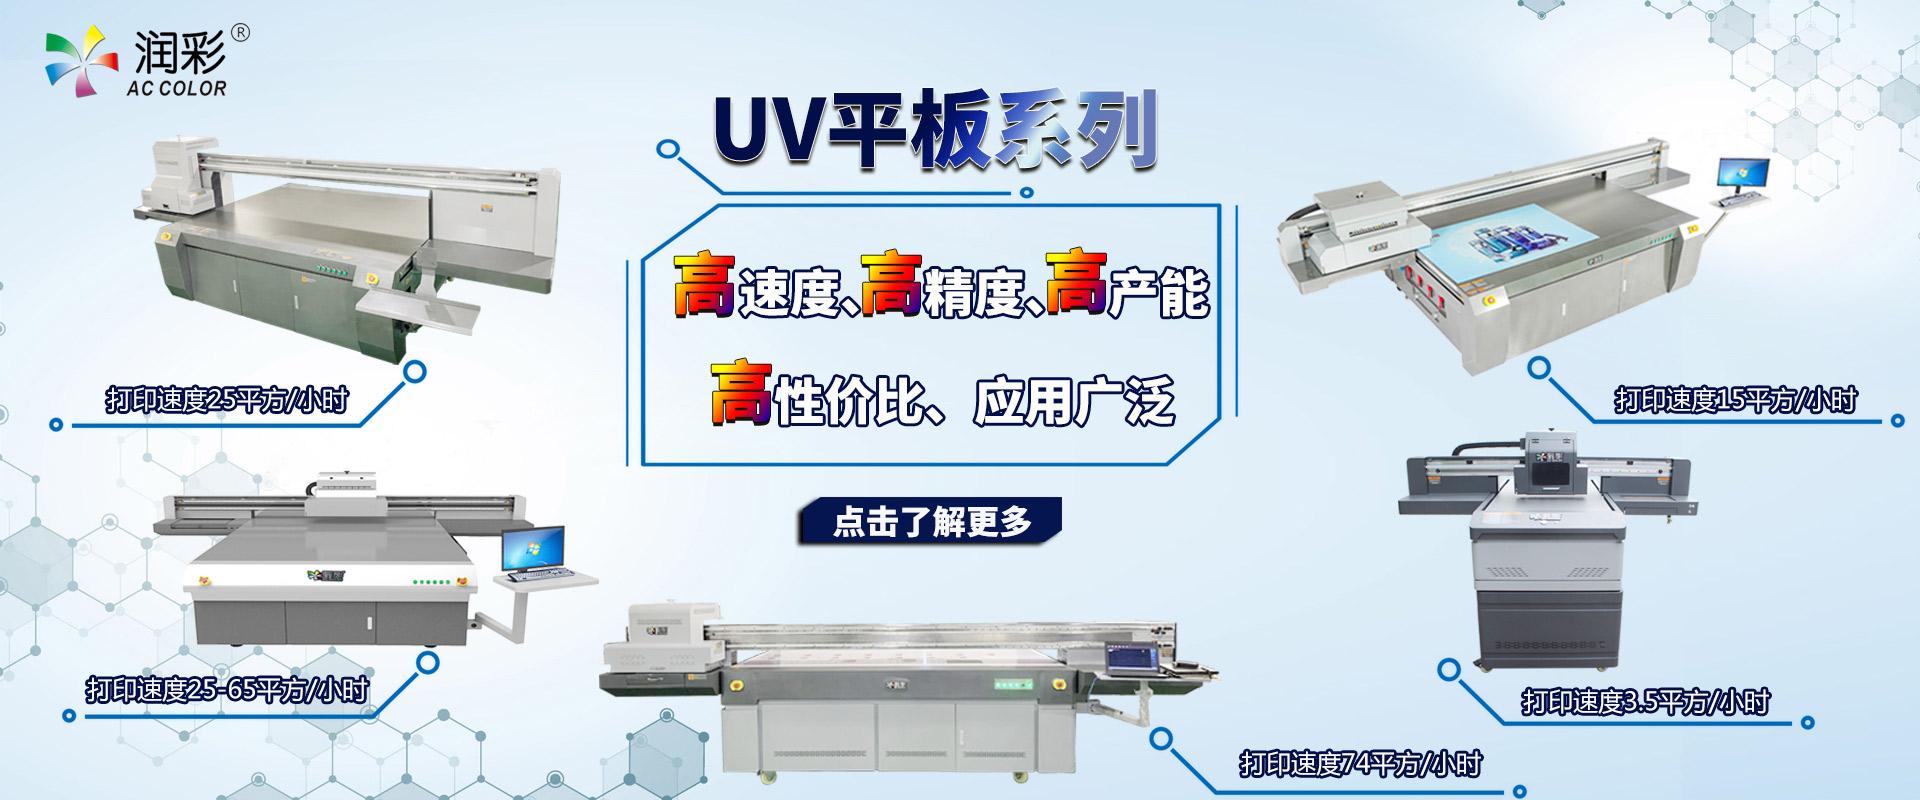 G5i喷头理光G6 uv平板打印机系列